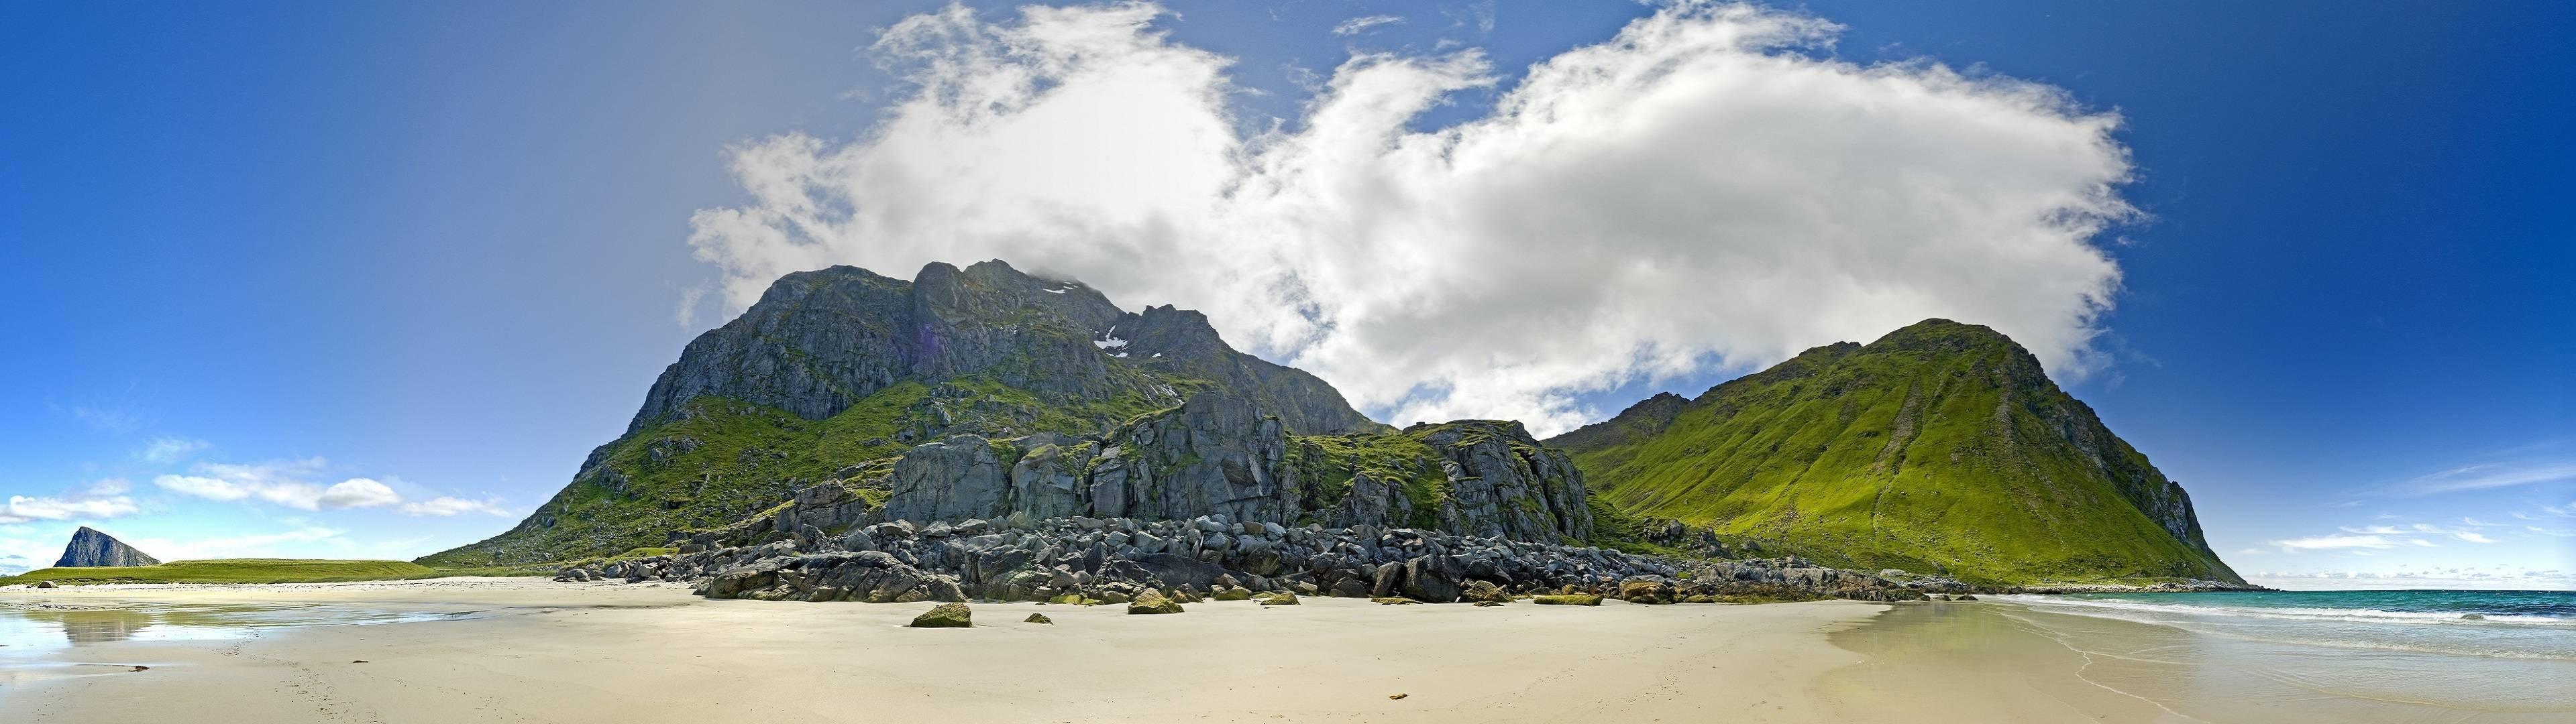 デスクトップ壁紙 湾 水 海岸 空 ビーチ 崖 島 ケープ